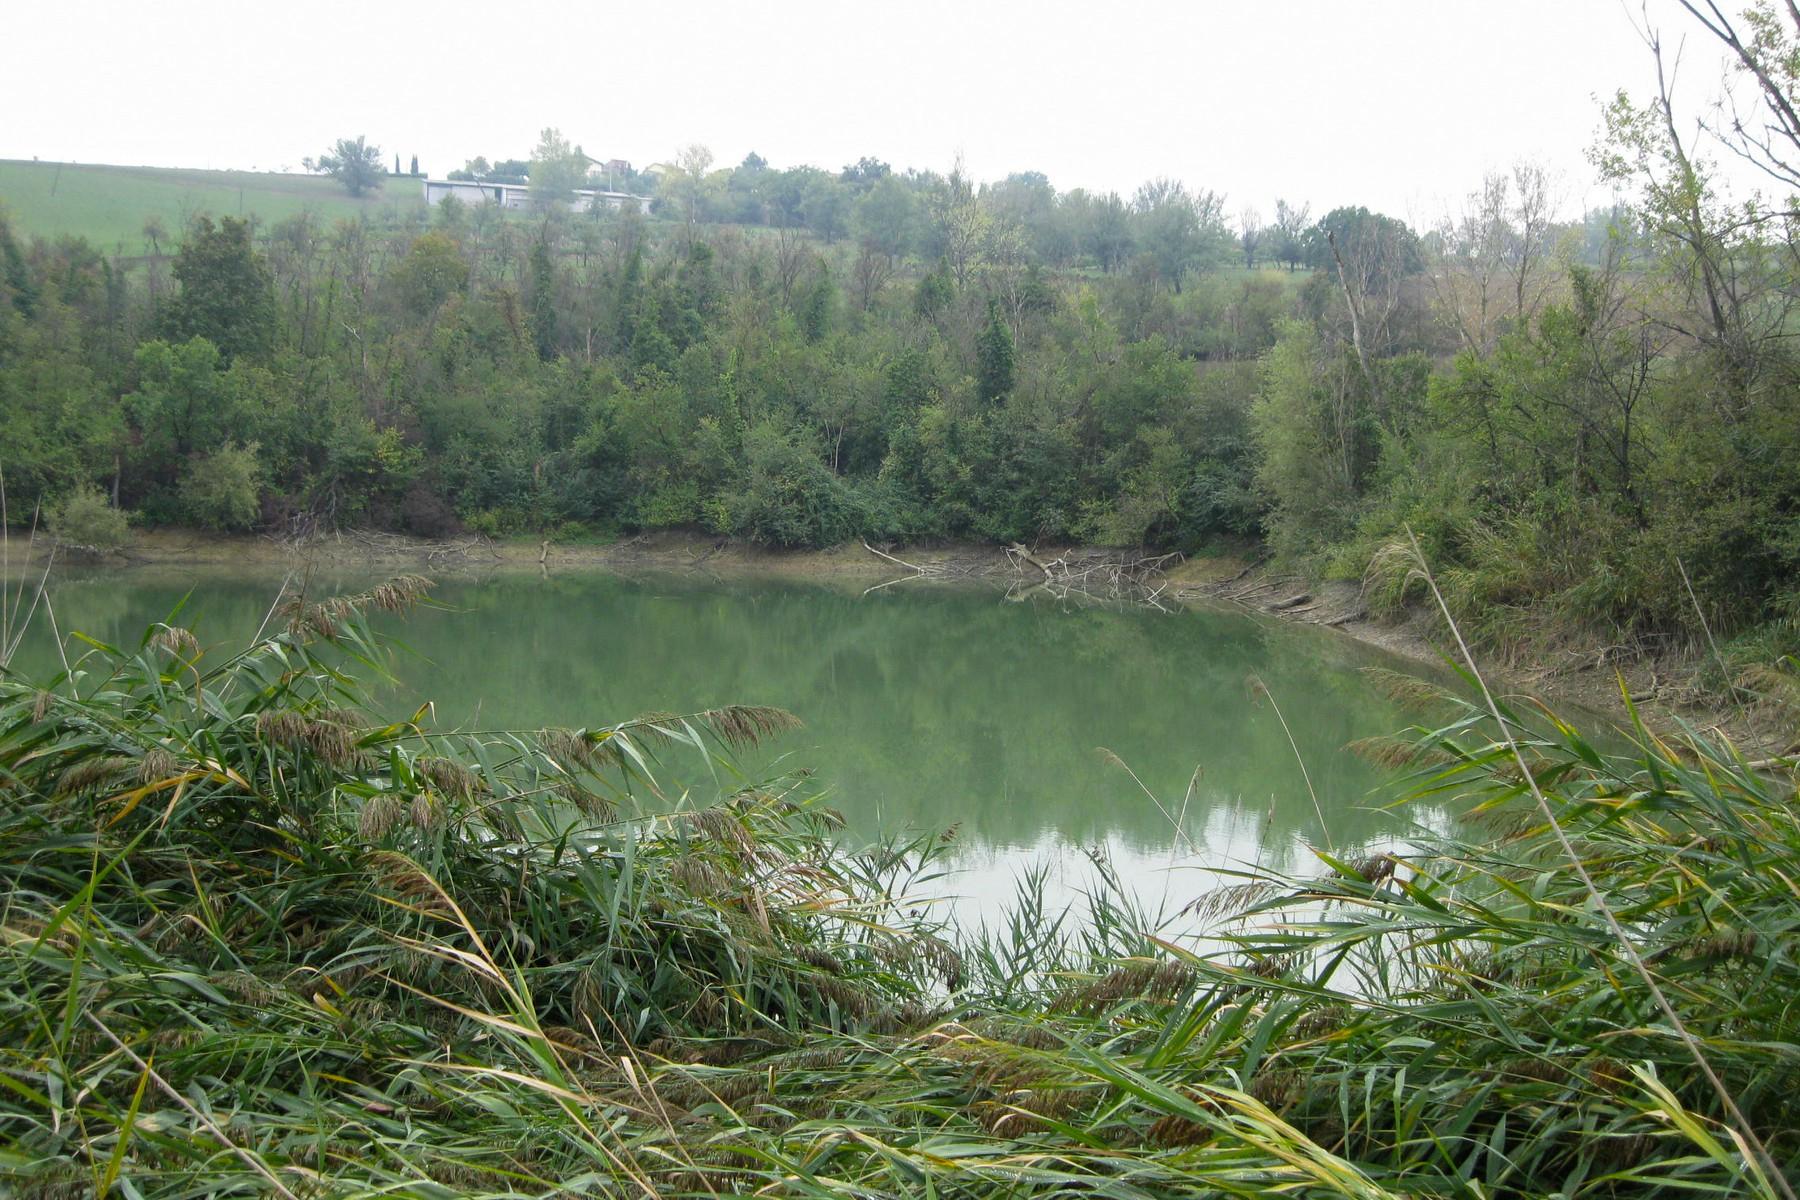 Rustico in Vendita a Castelvetro Di Modena: 5 locali, 3100 mq - Foto 3